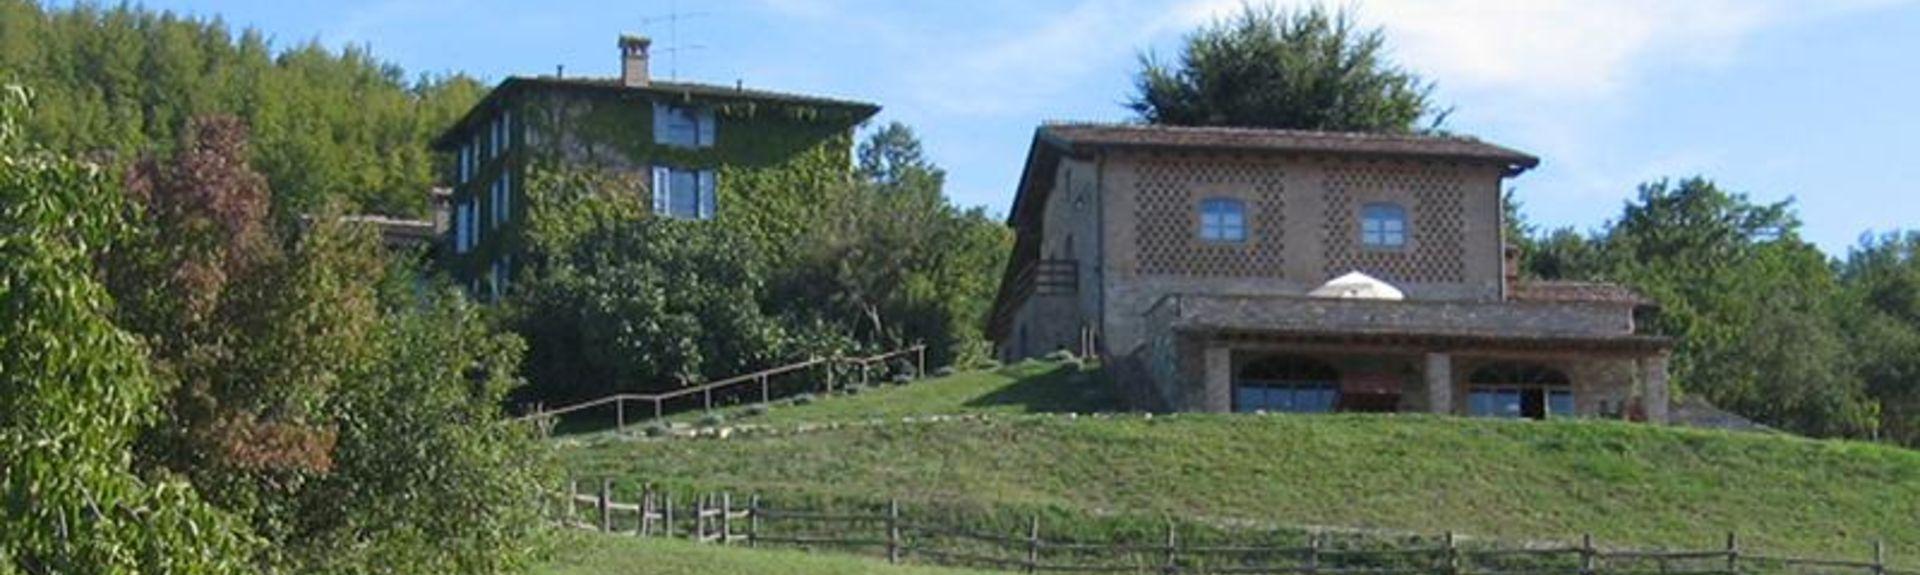 Salsomaggiore Golfclub, Salsomaggiore Terme, Emilia-Romagna, Italië